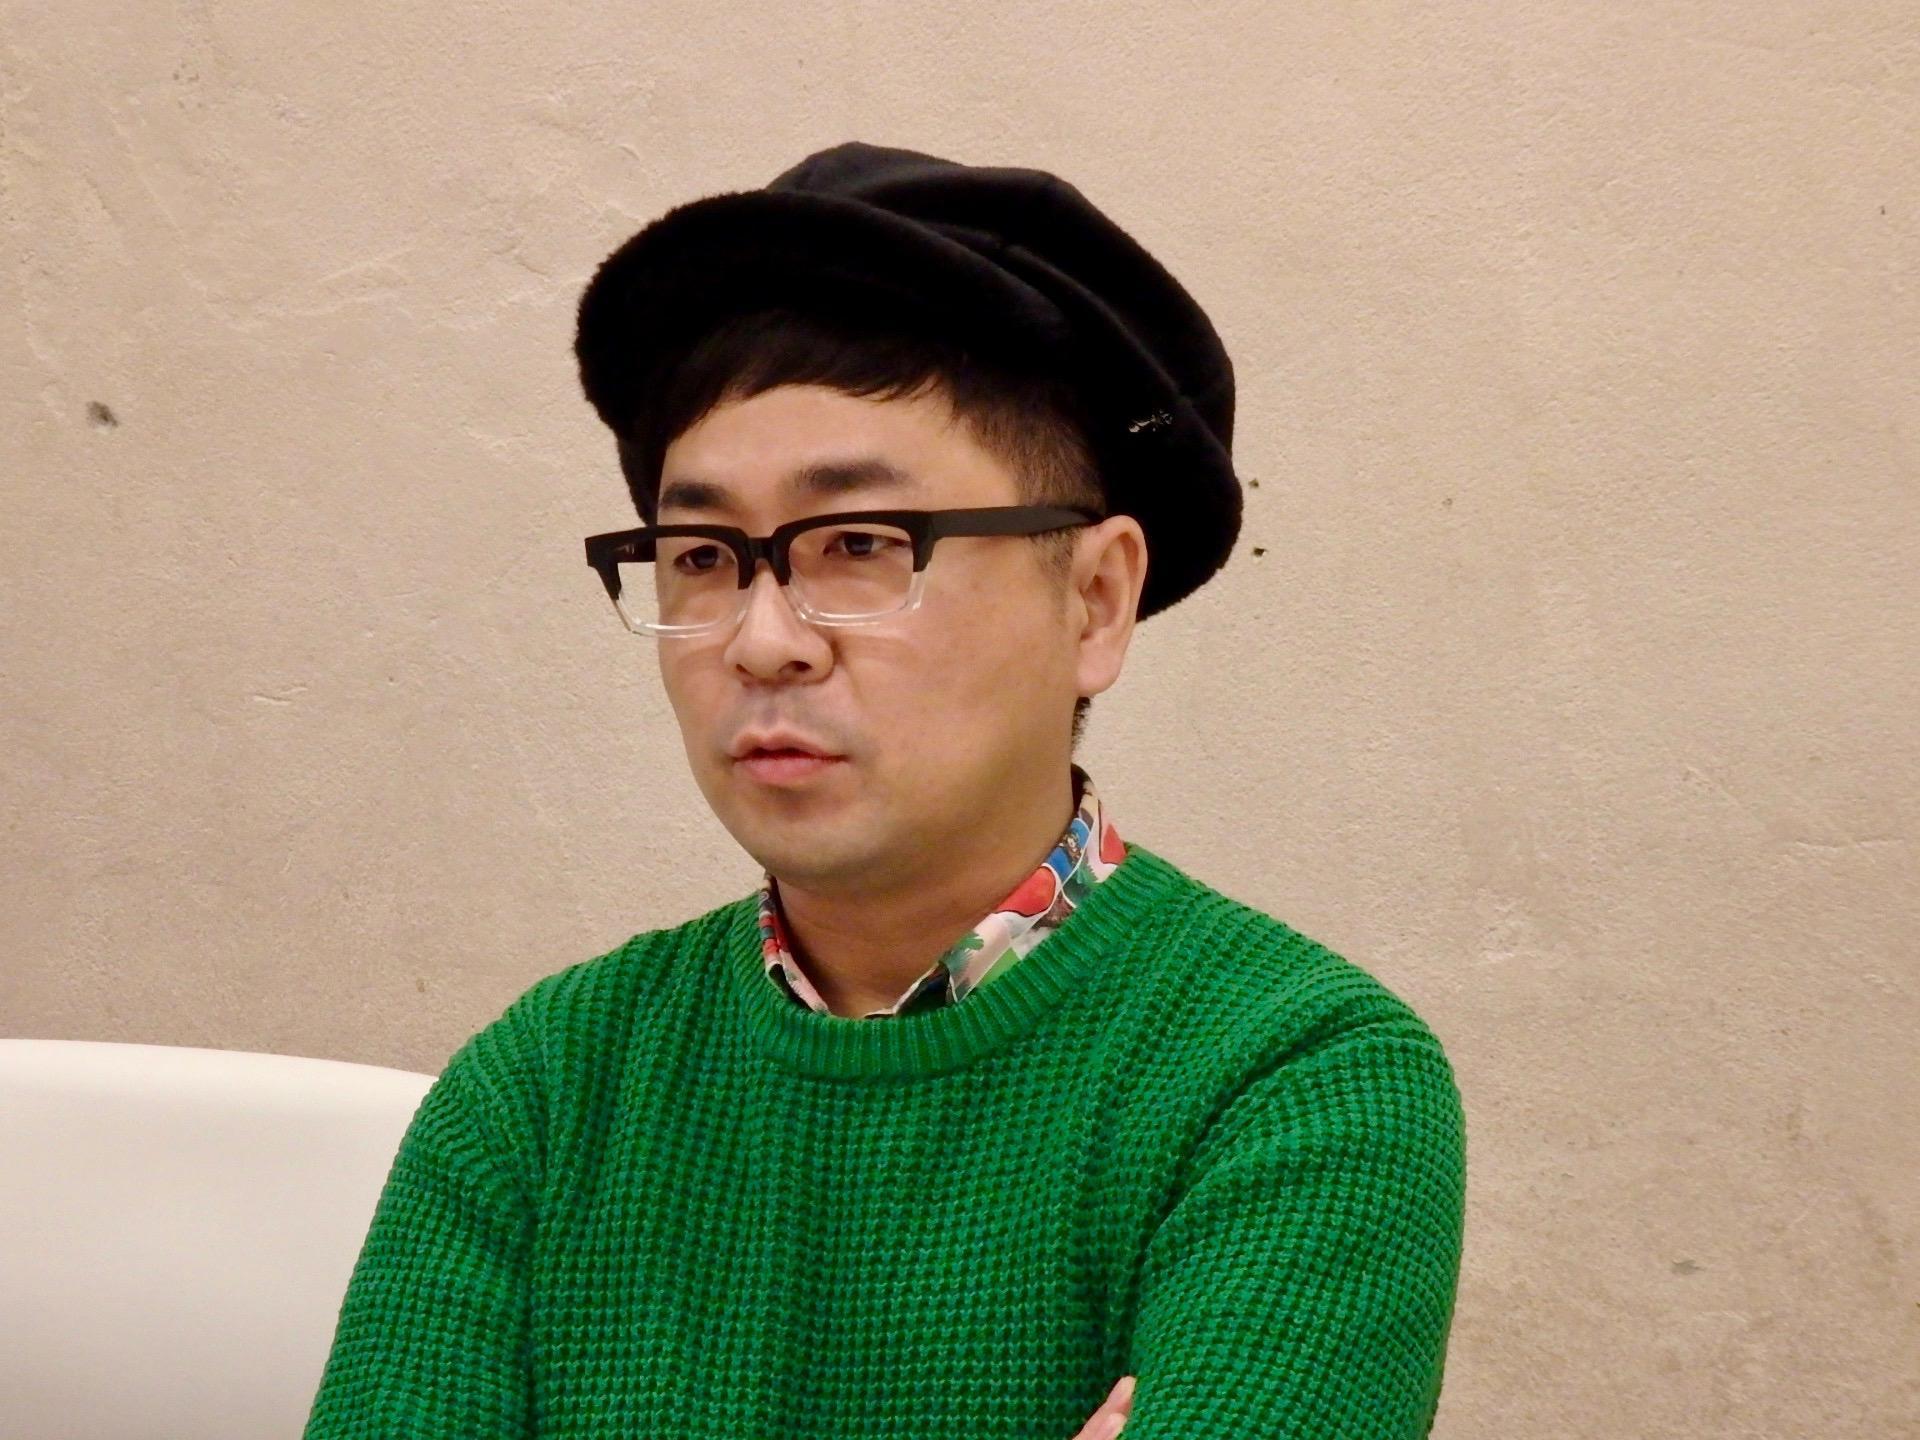 http://news.yoshimoto.co.jp/20190130163006-8d45c134b1c76d9f3449e3c18e1187b36f5dacee.jpeg